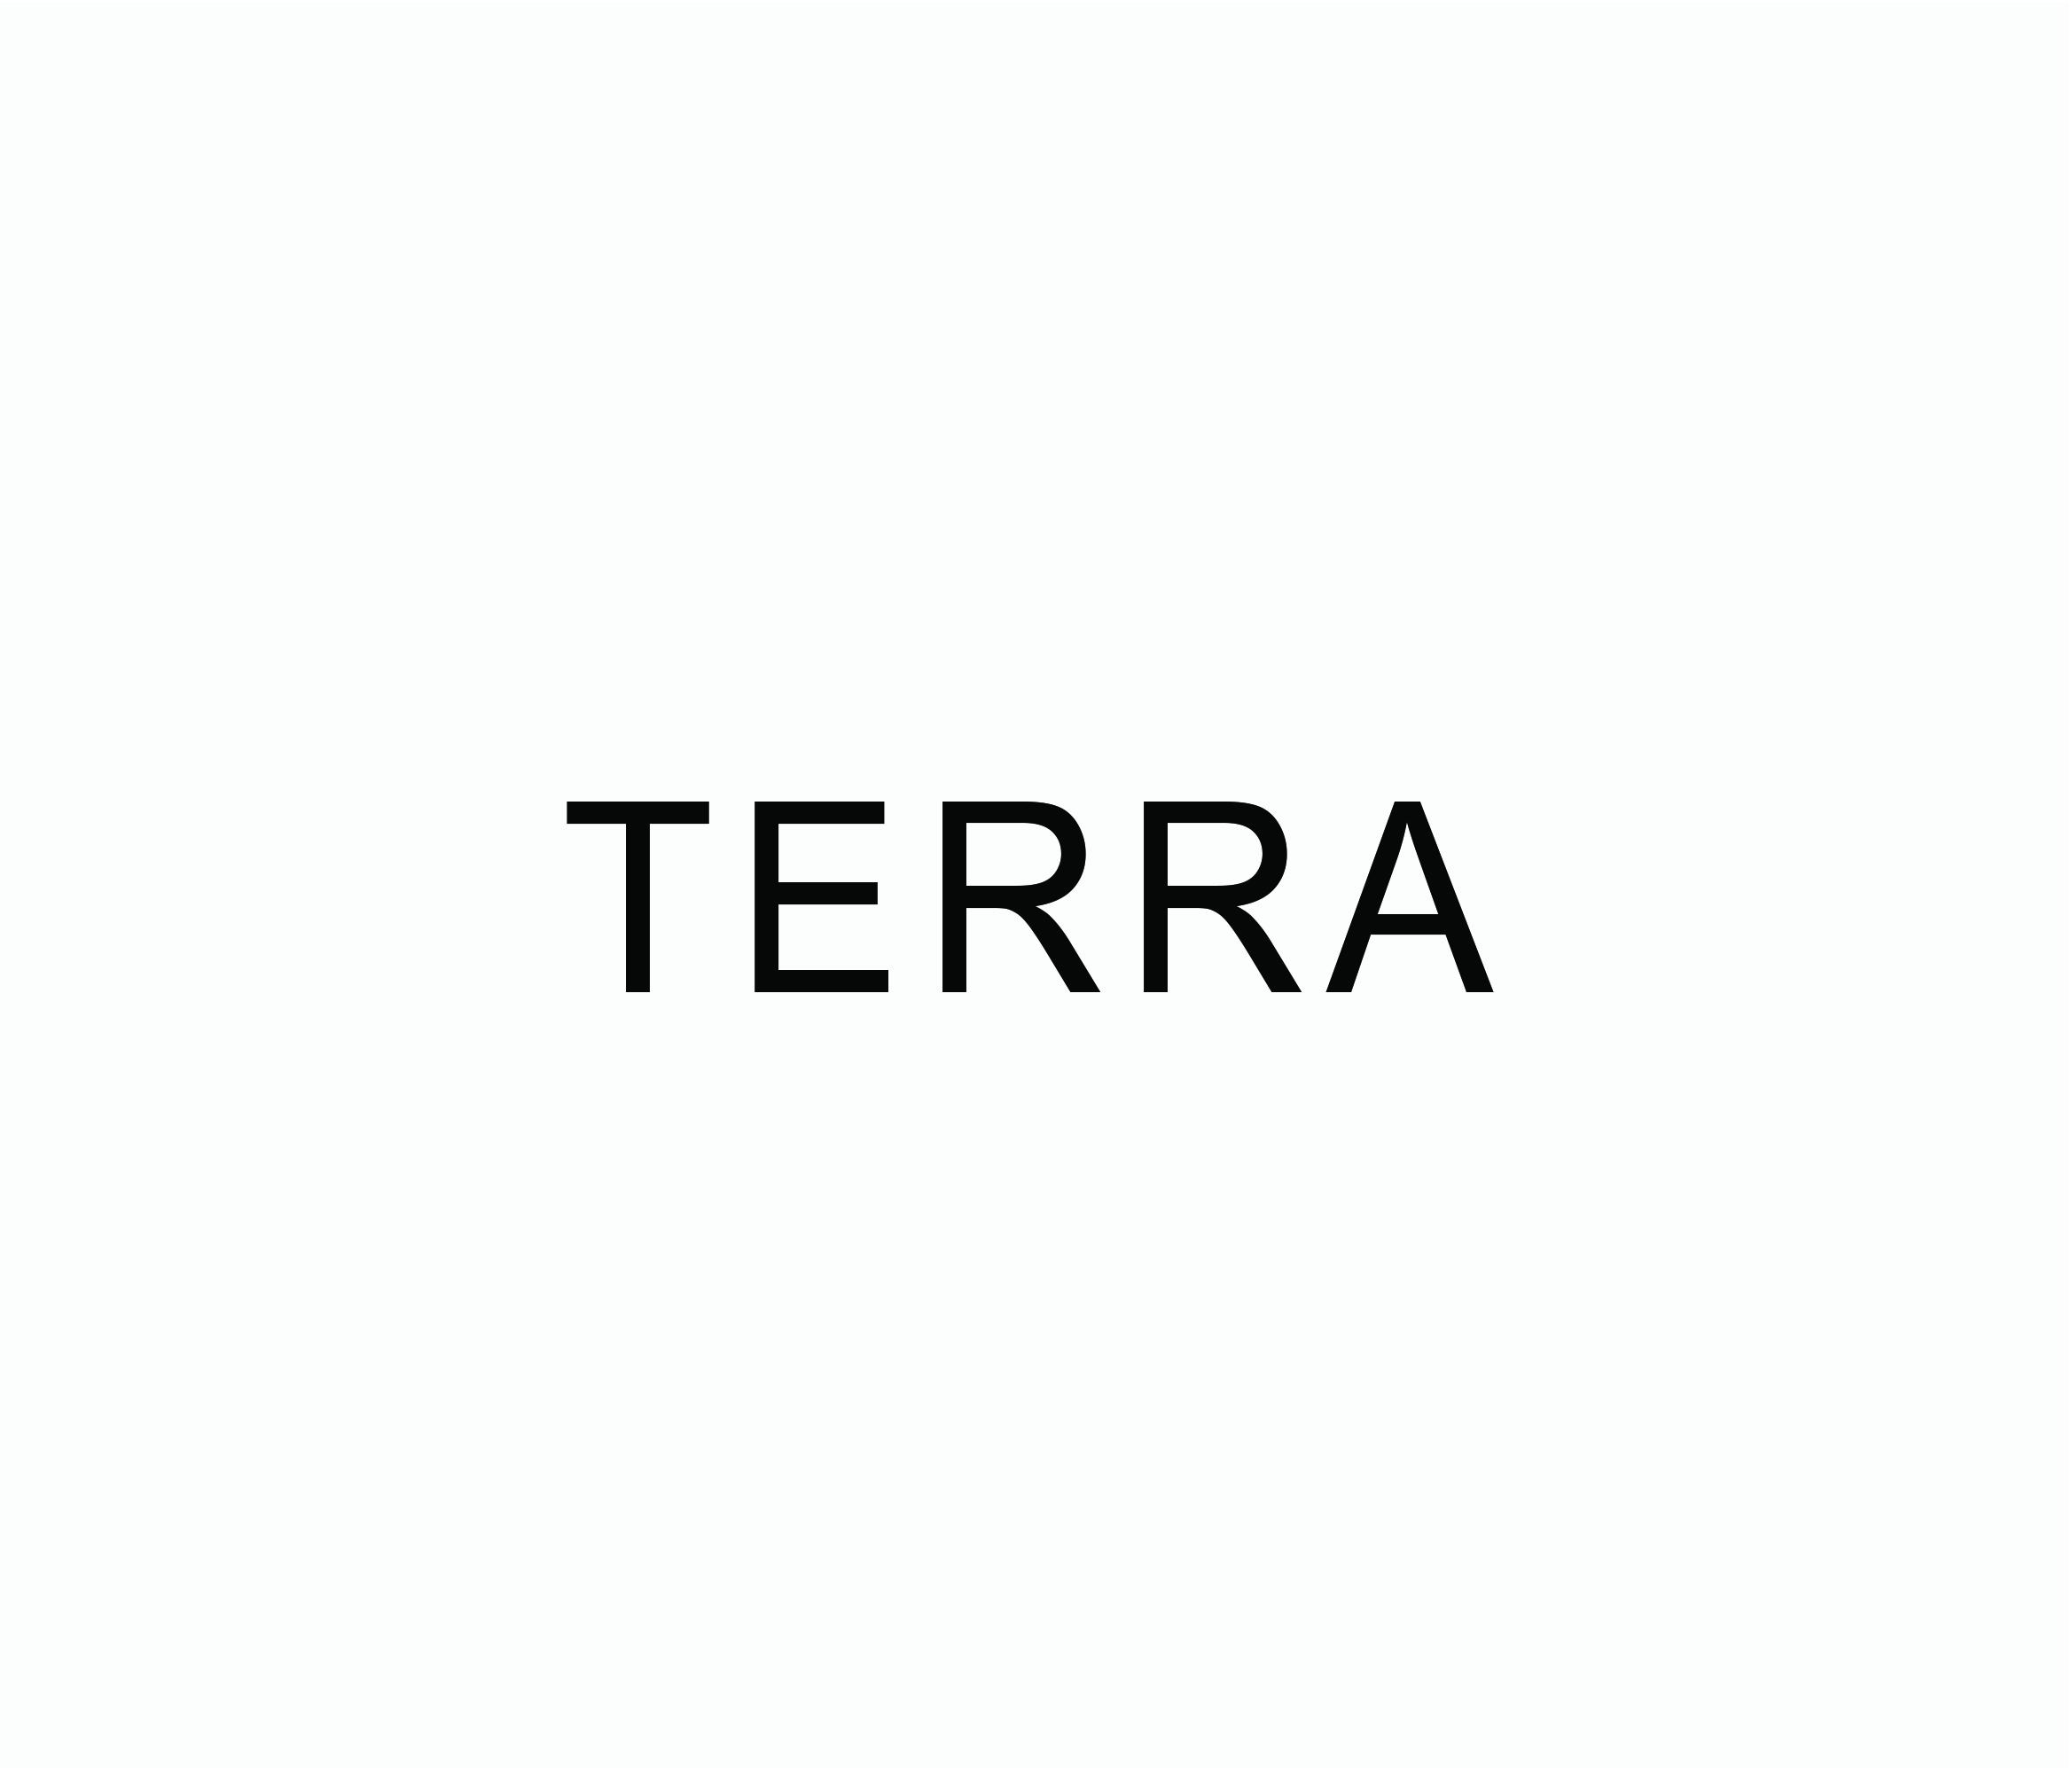 Terra est un bureau d'étude spécialisé dans la gestion et le traitement des déchets.